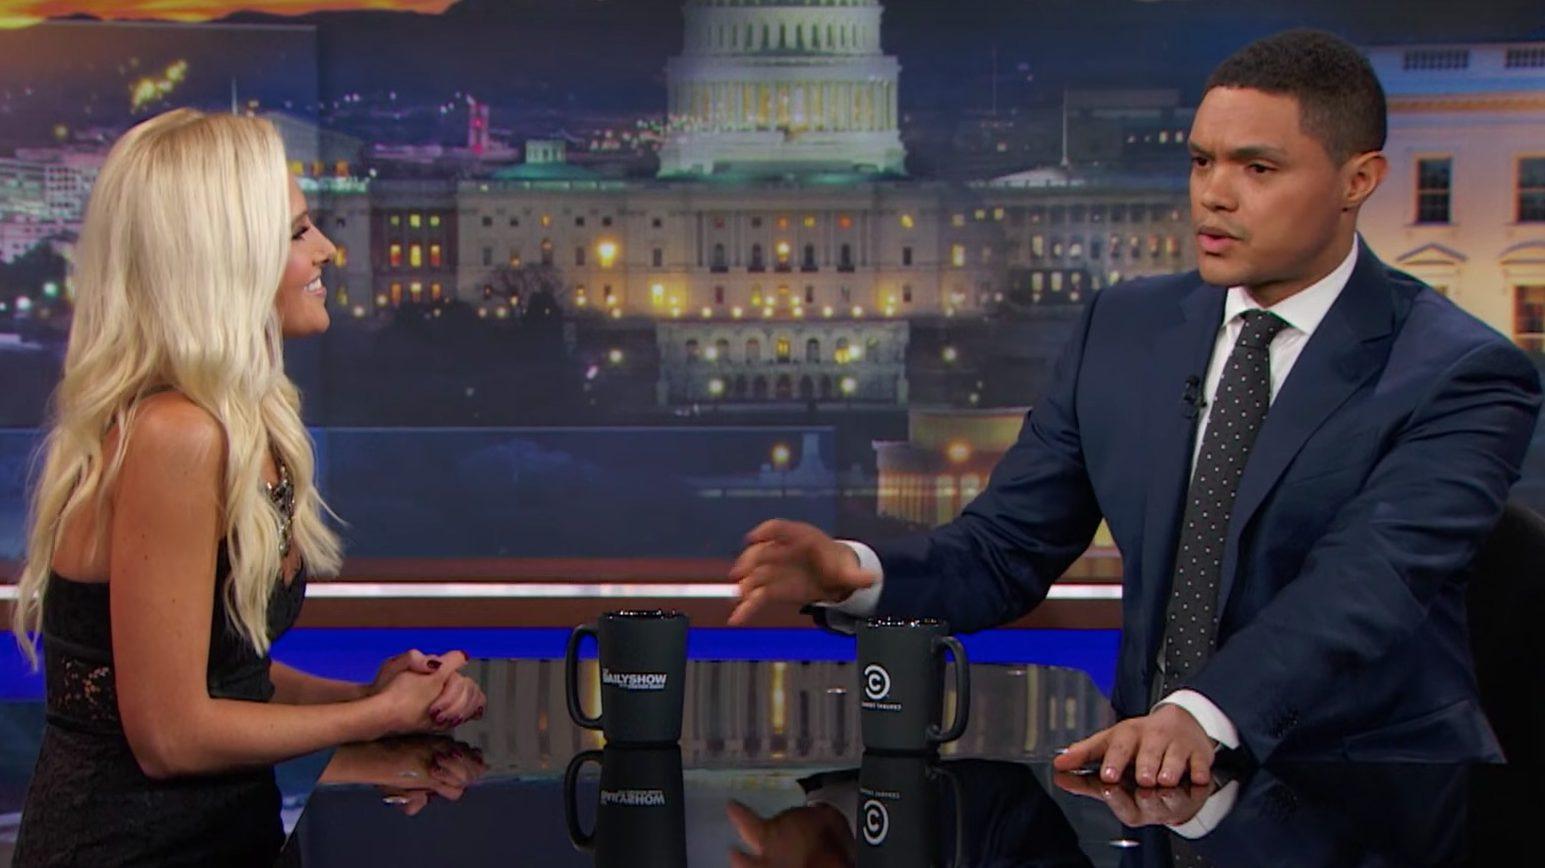 Trevor Noah Steps Up to Defend Suspended Conservative Pundit Tomi Lahren